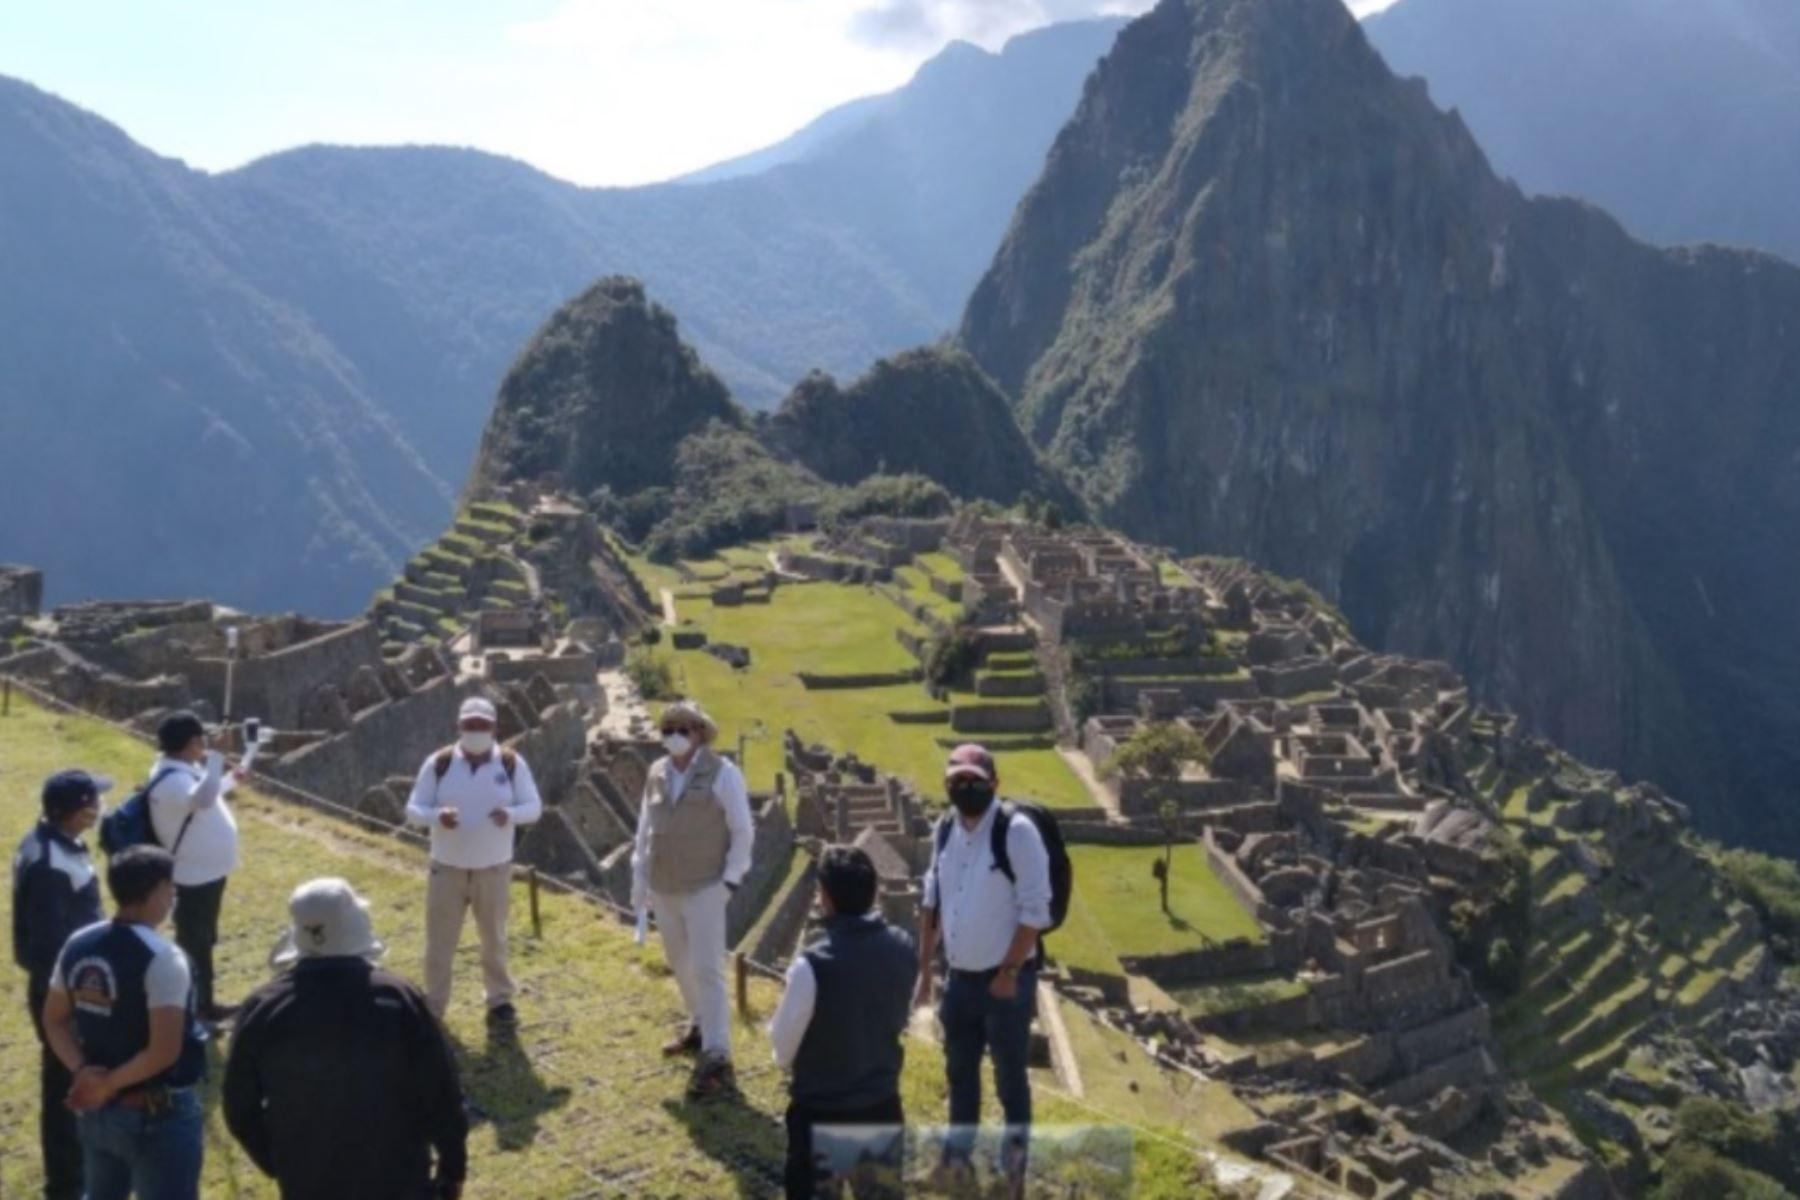 La ciudadela incaica de Machu Picchu recibirá solo 675 visitantes nacionales y extranjeros por día, 75 por hora incluidos los guías turísticos, desde el próximo 1 de julio, fecha en la que está prevista la reanudación de la atención a los visitantes, informó el gobernador regional de Cusco, Jean Paul Benavente García.